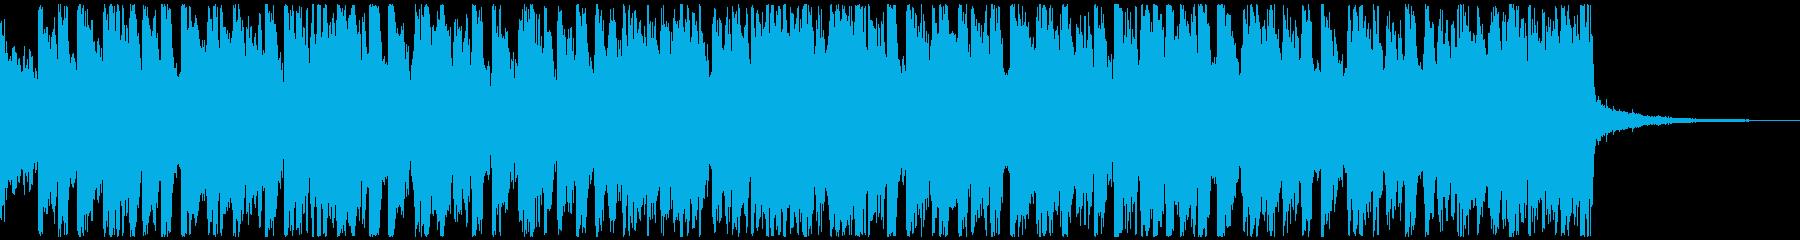 サッカー・スポーツ/情熱的アンセム30秒の再生済みの波形